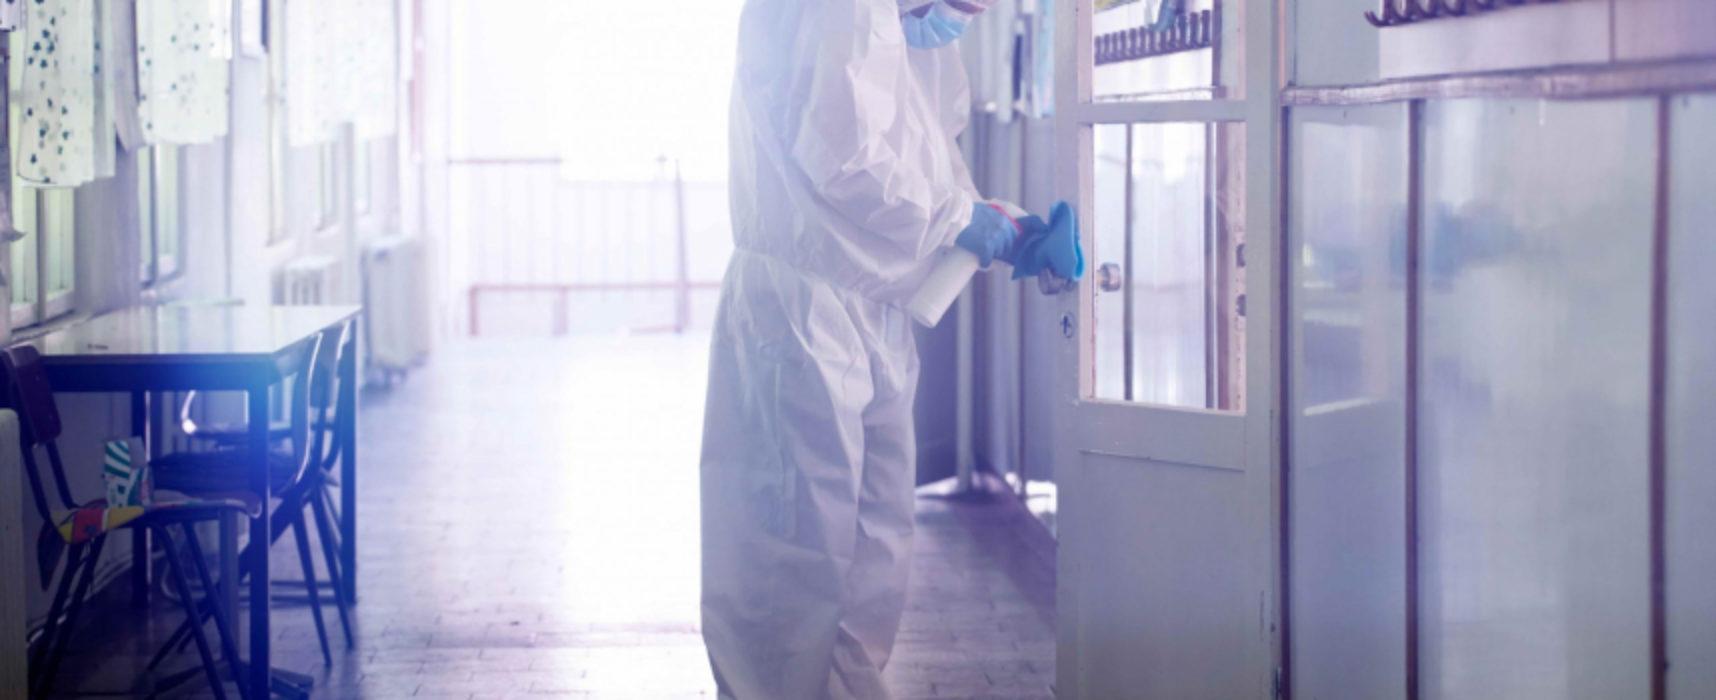 Bollettino Coronavirus, oggi in Puglia tre decessi e 51 nuovi casi: 5 nella Bat